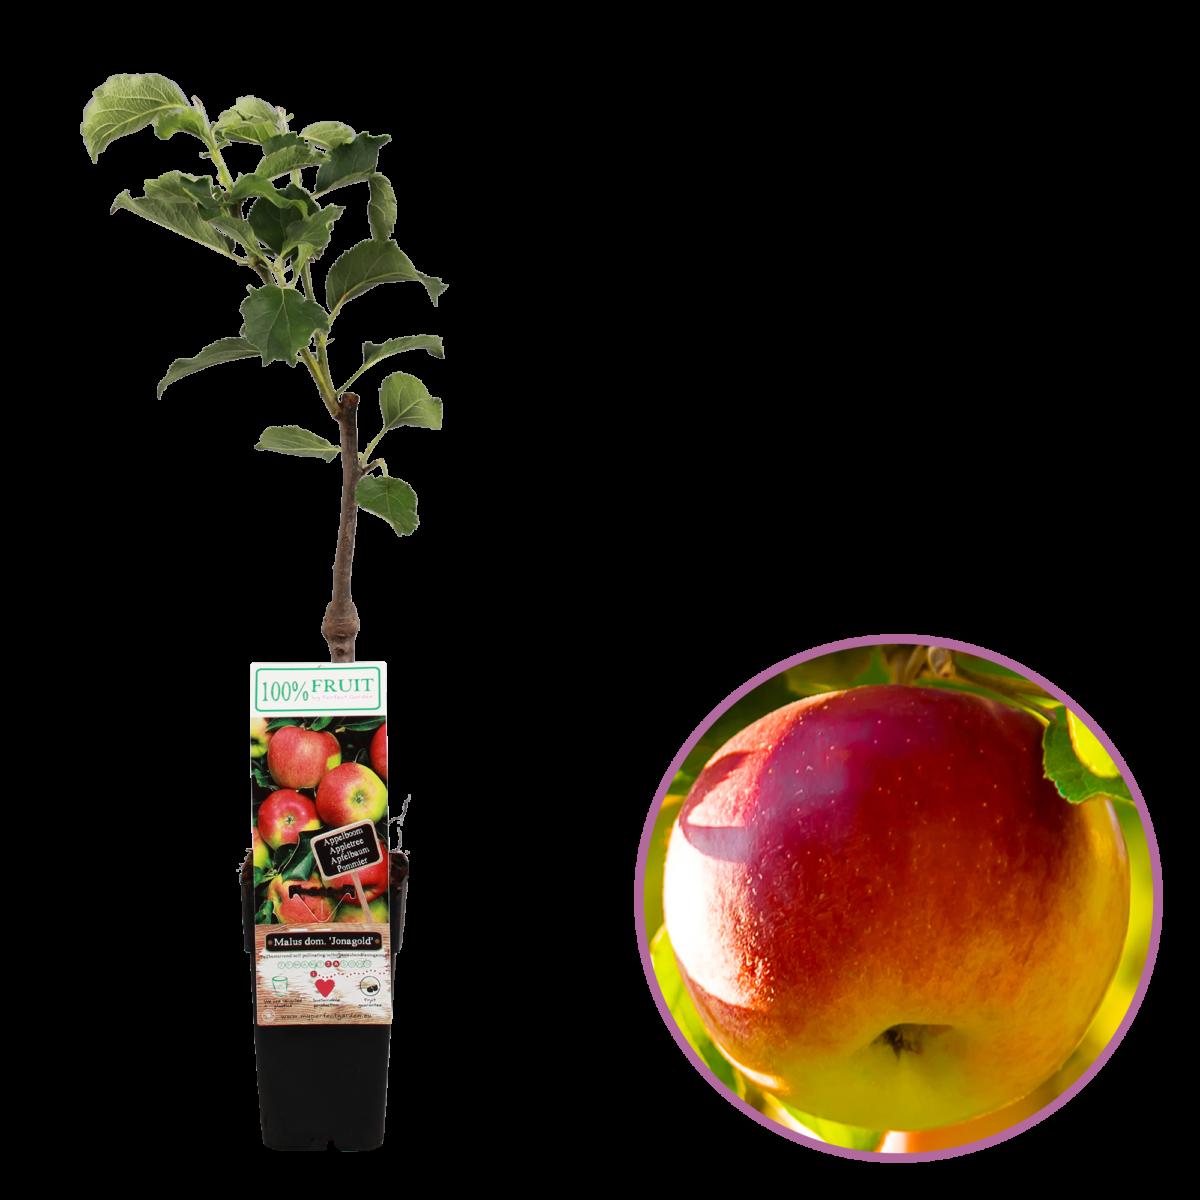 boskoopsefruitbomen | Appel jonagold